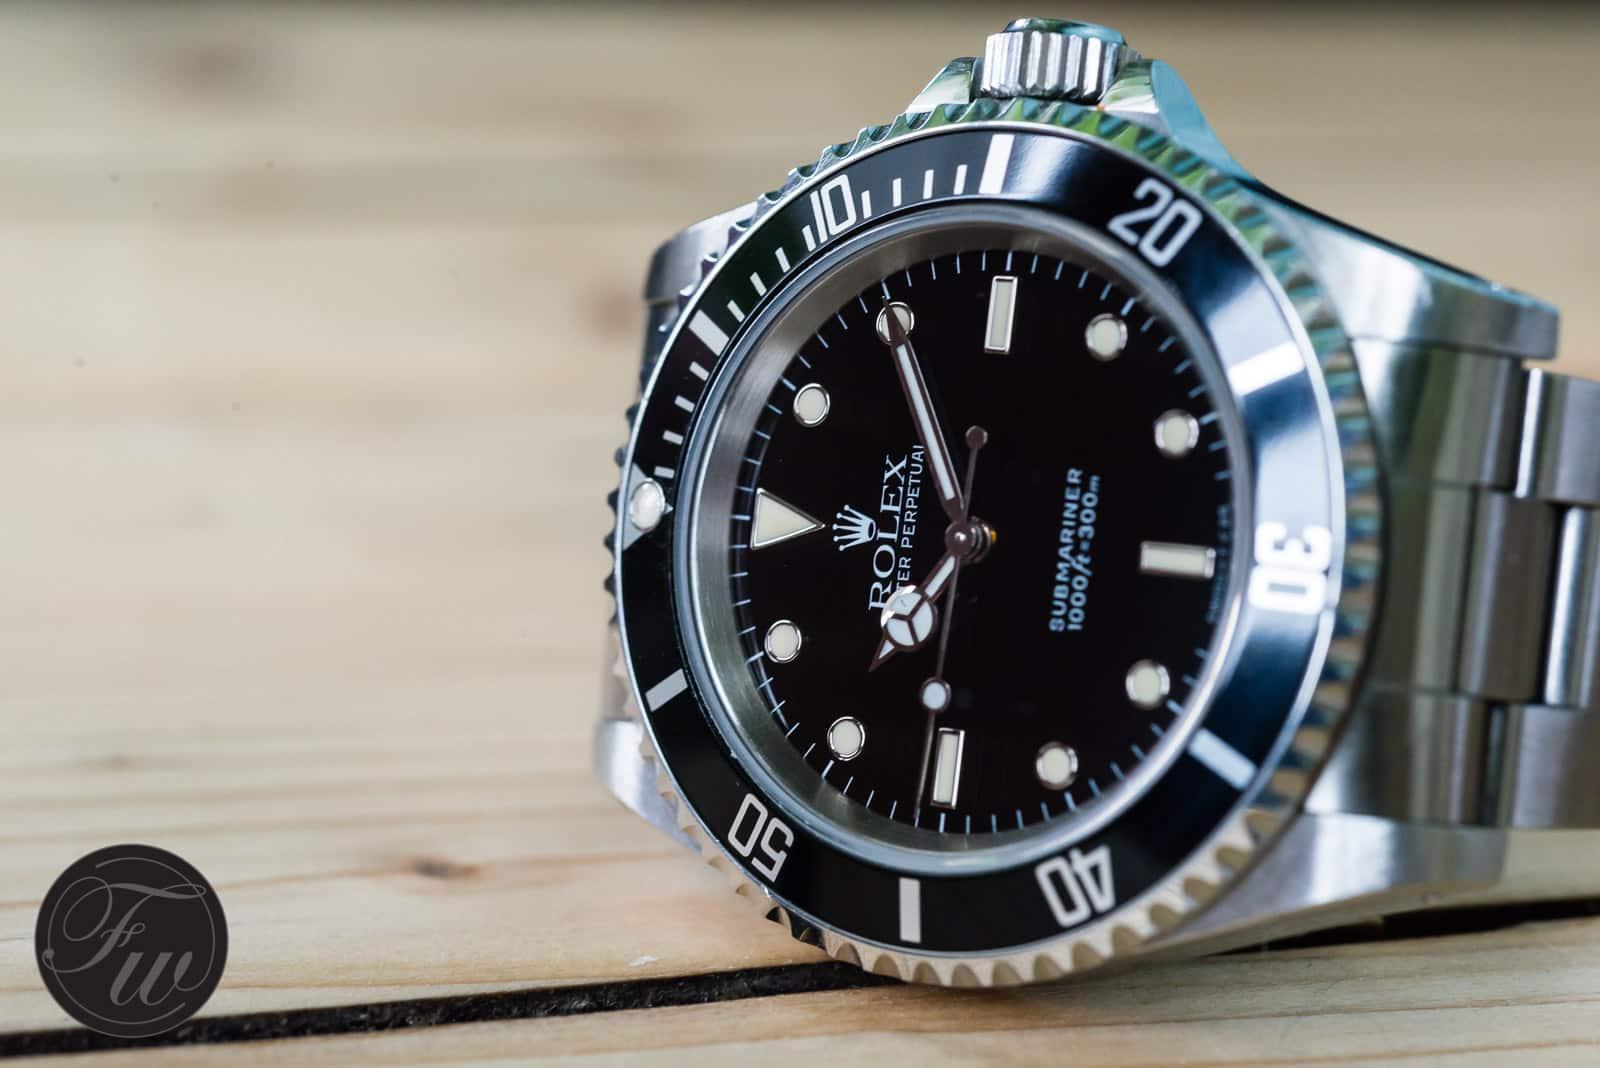 Rolex Submariner 14060 – 52Mondayz, week #17